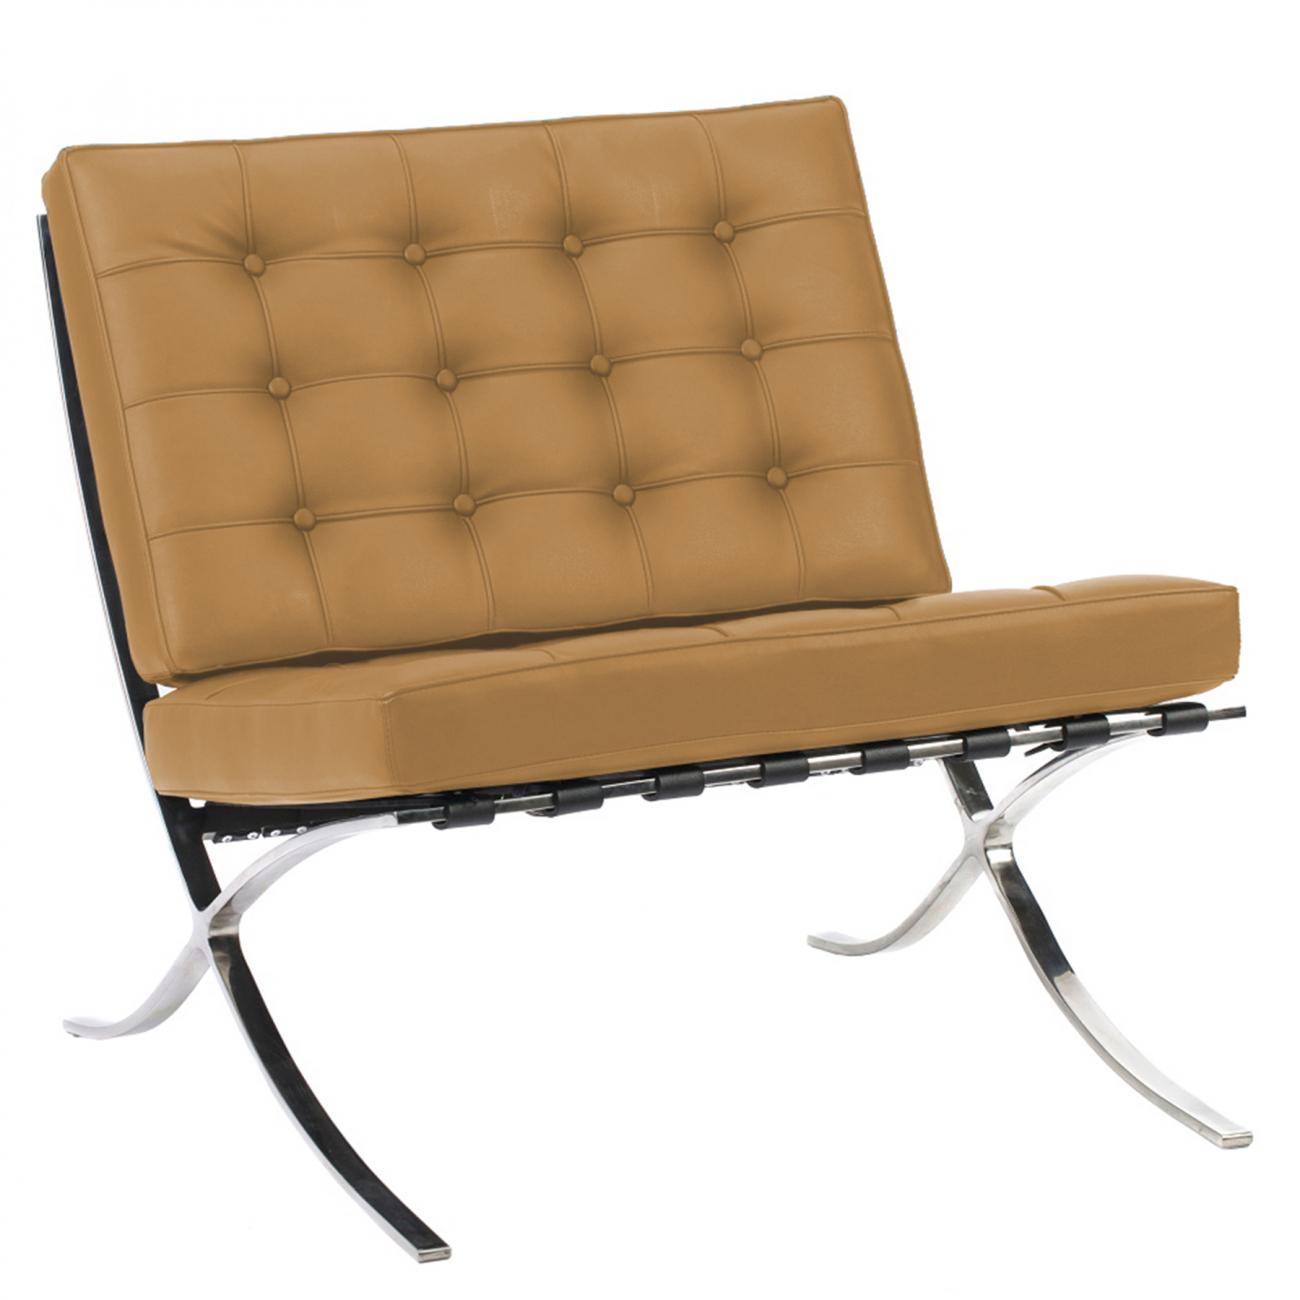 Купить Кресло Barcelona Chair Ореховая Кожа Класса Премиум в интернет магазине дизайнерской мебели и аксессуаров для дома и дачи